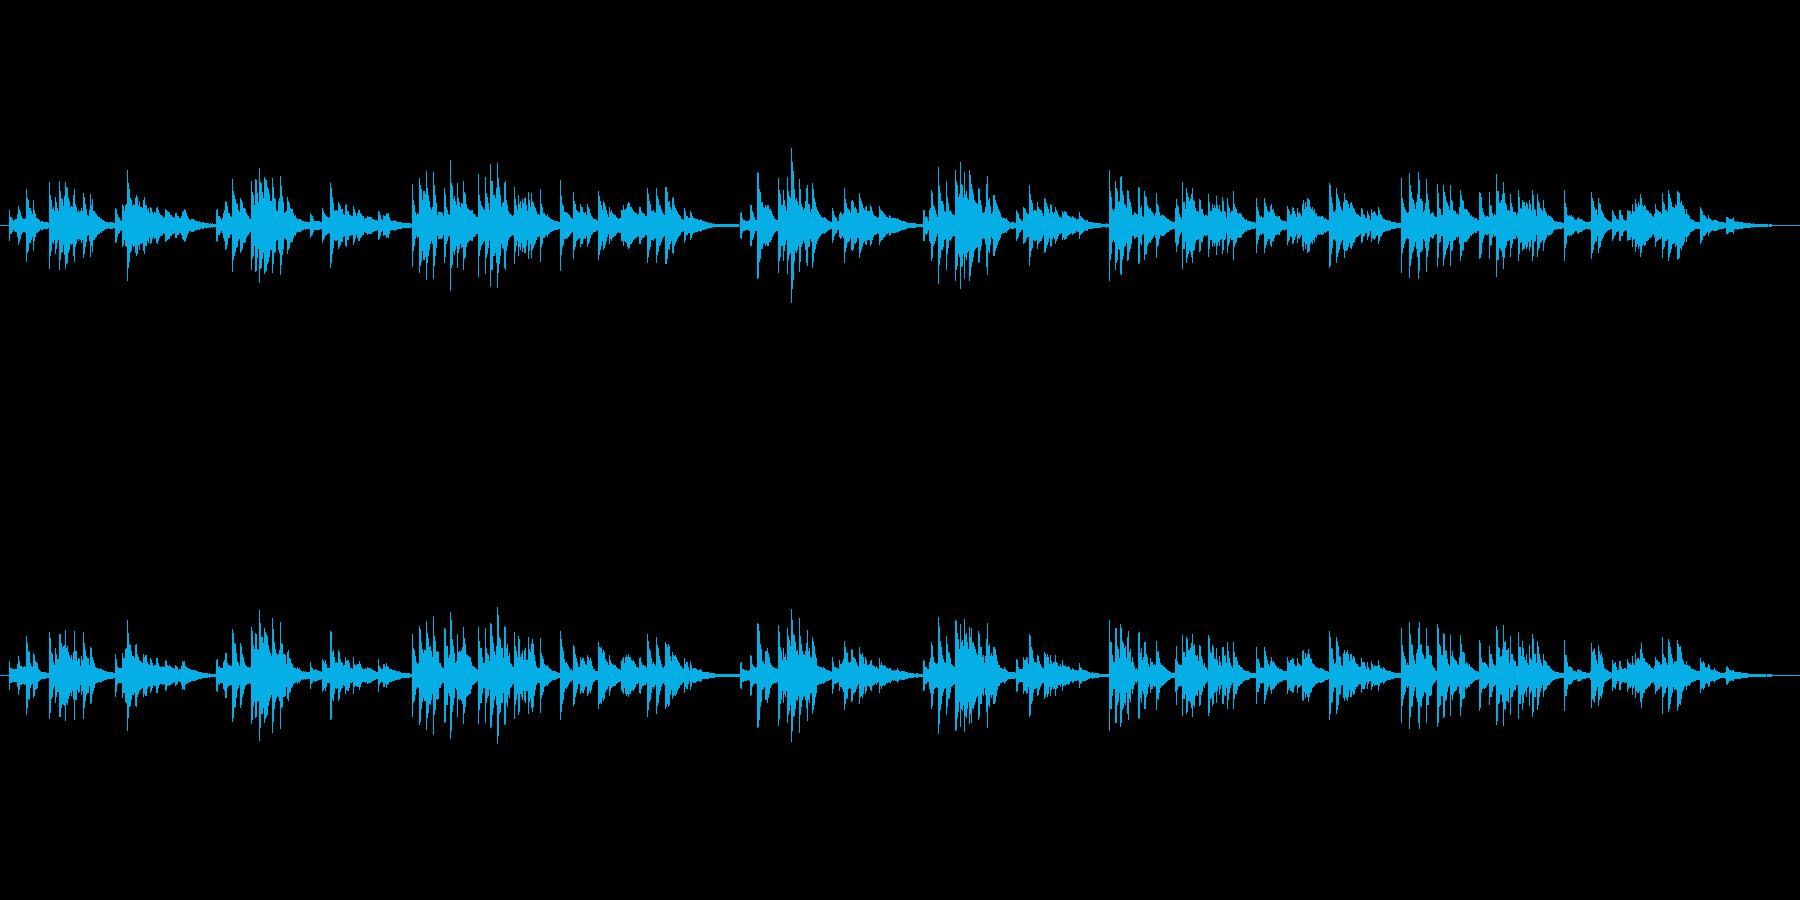 アイルランド民謡的な中世ハープの音色の再生済みの波形